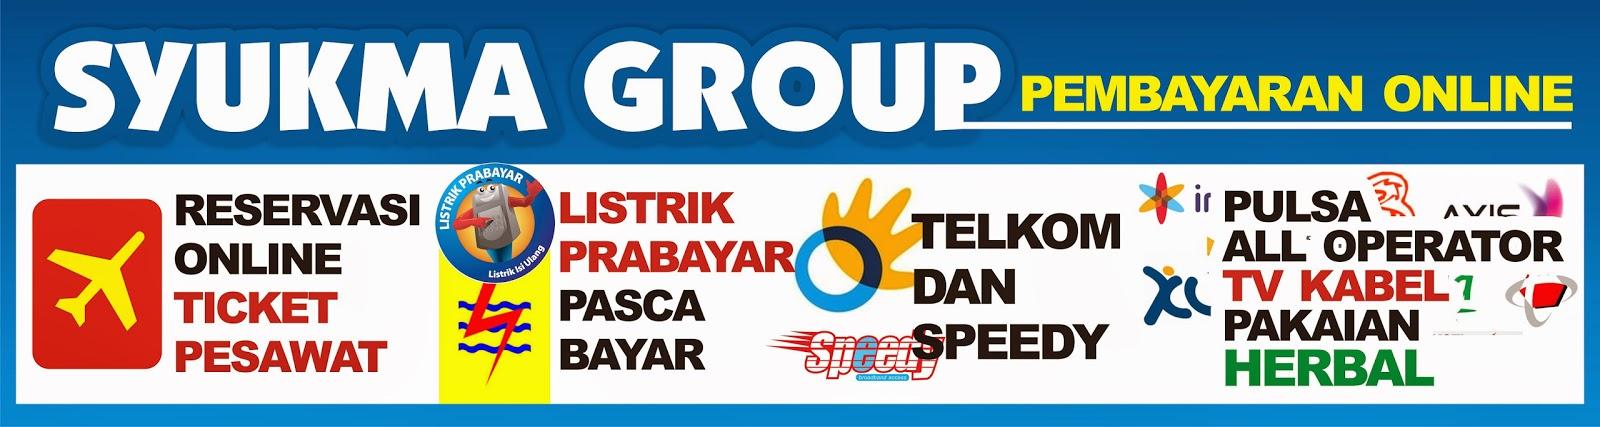 syukma groups- Pembayaran Online di Air Dingin Lubuk Minturun